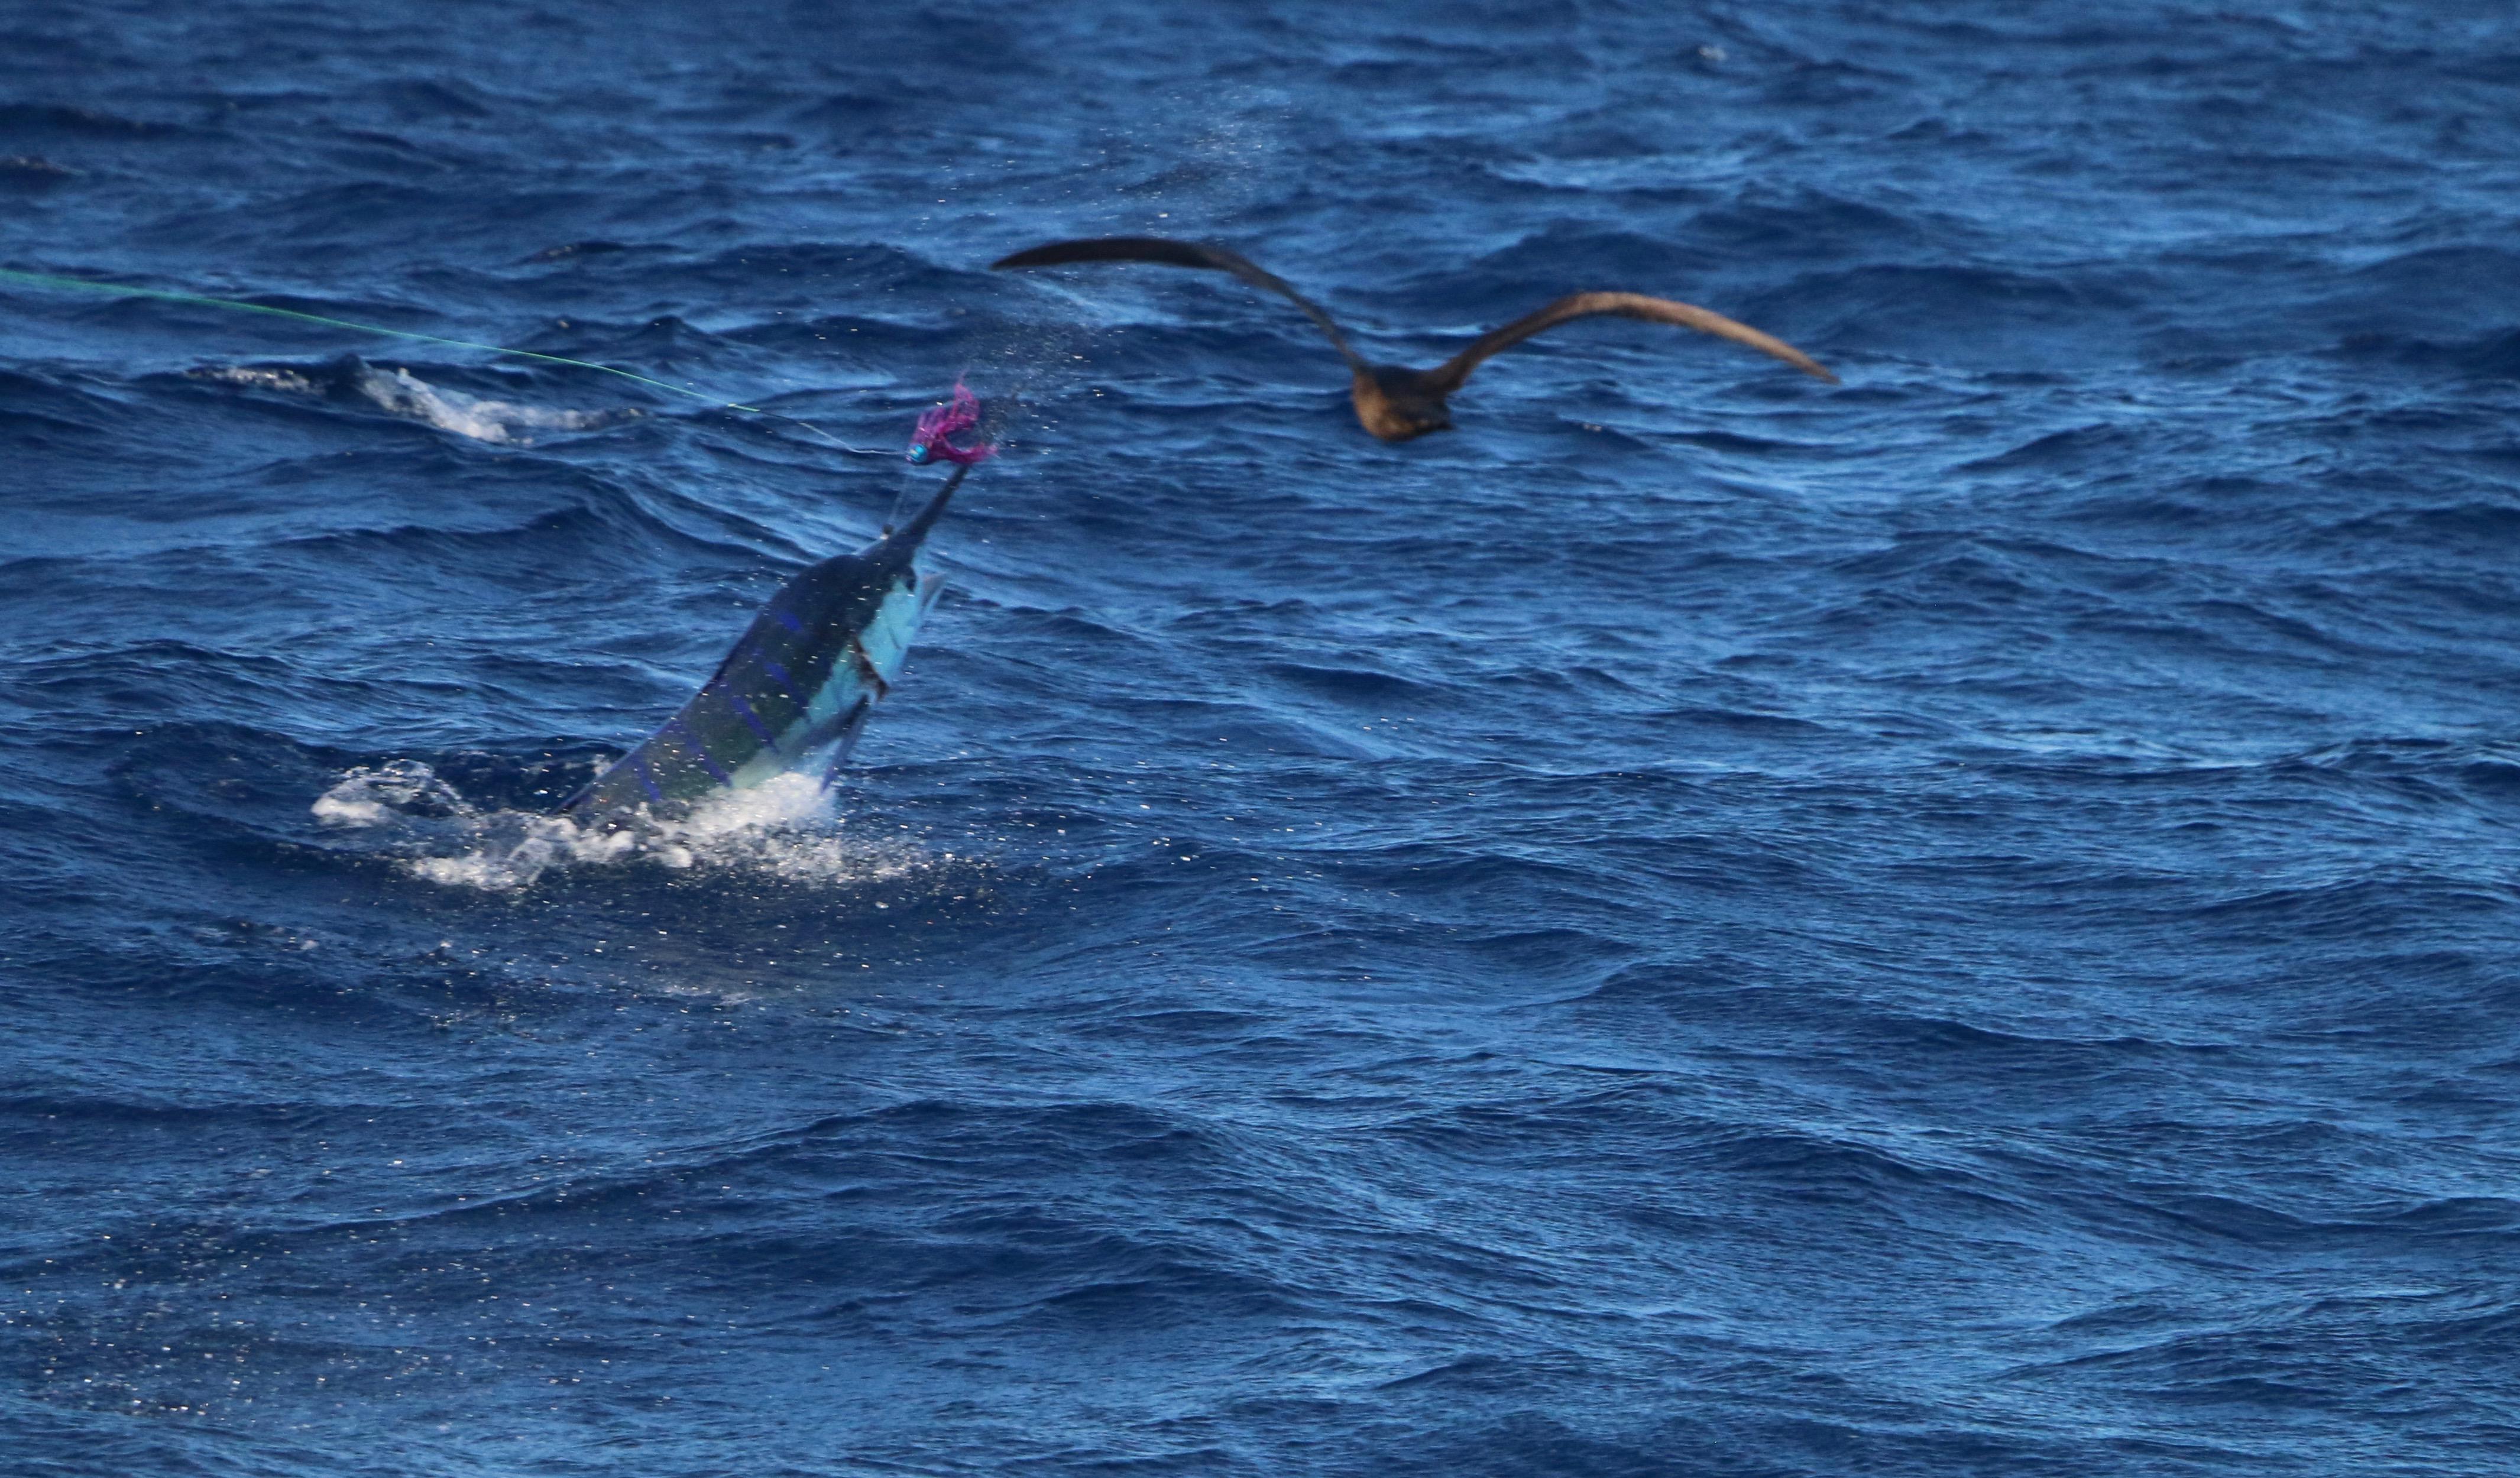 Whanganella banks, striped marlin, new zealand marlin fishing, november rain sports fishing,